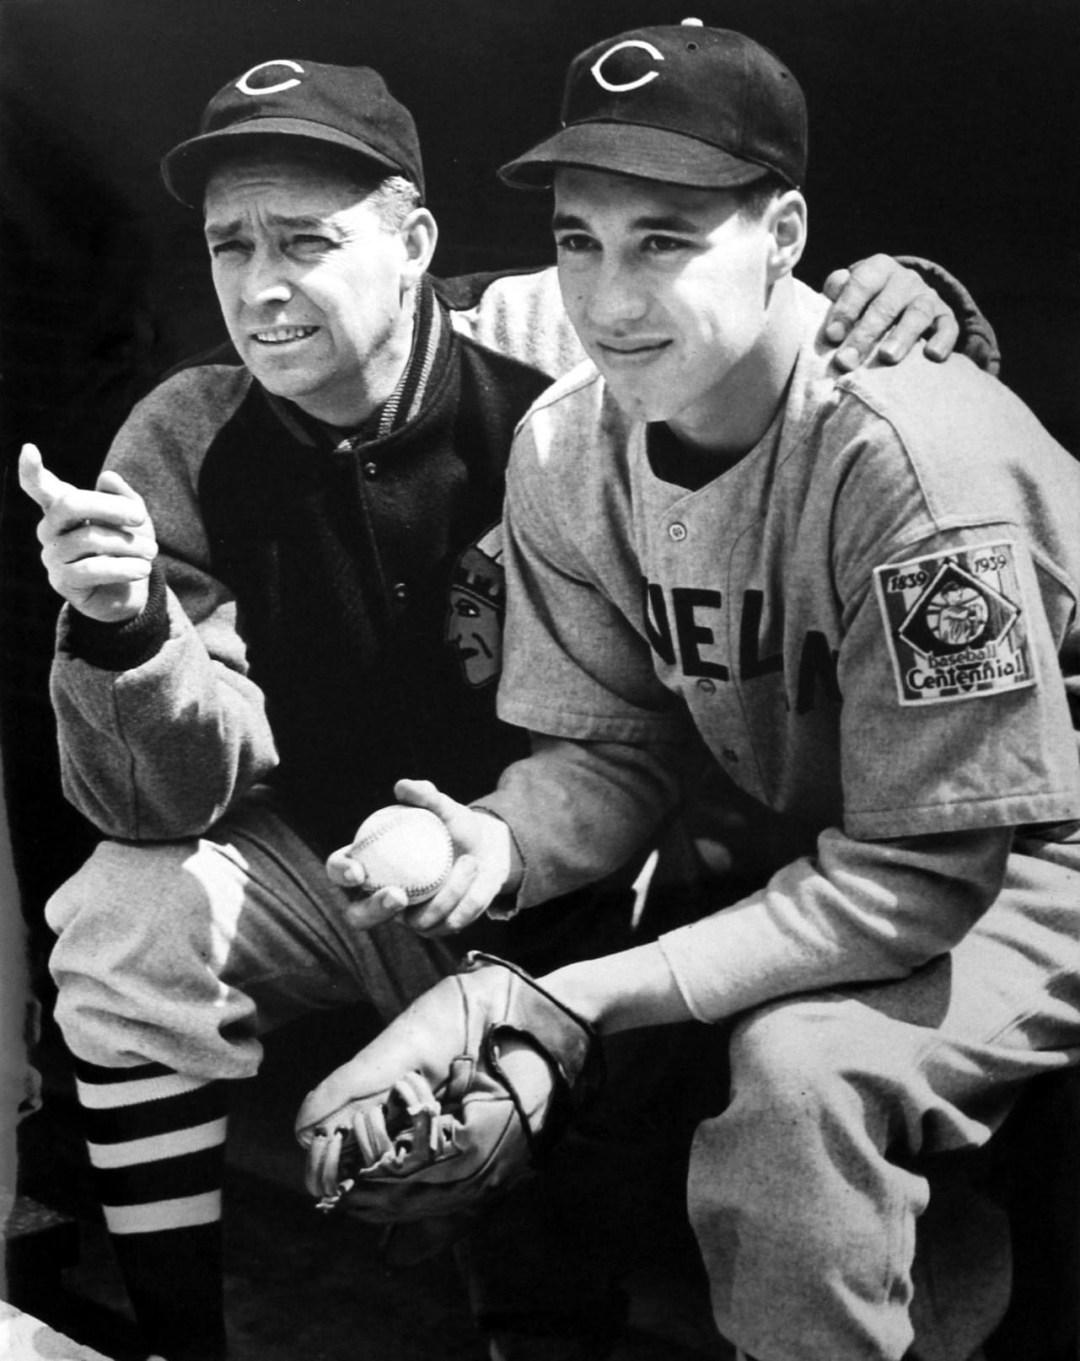 Bob Feller with manager Ossie Vitt